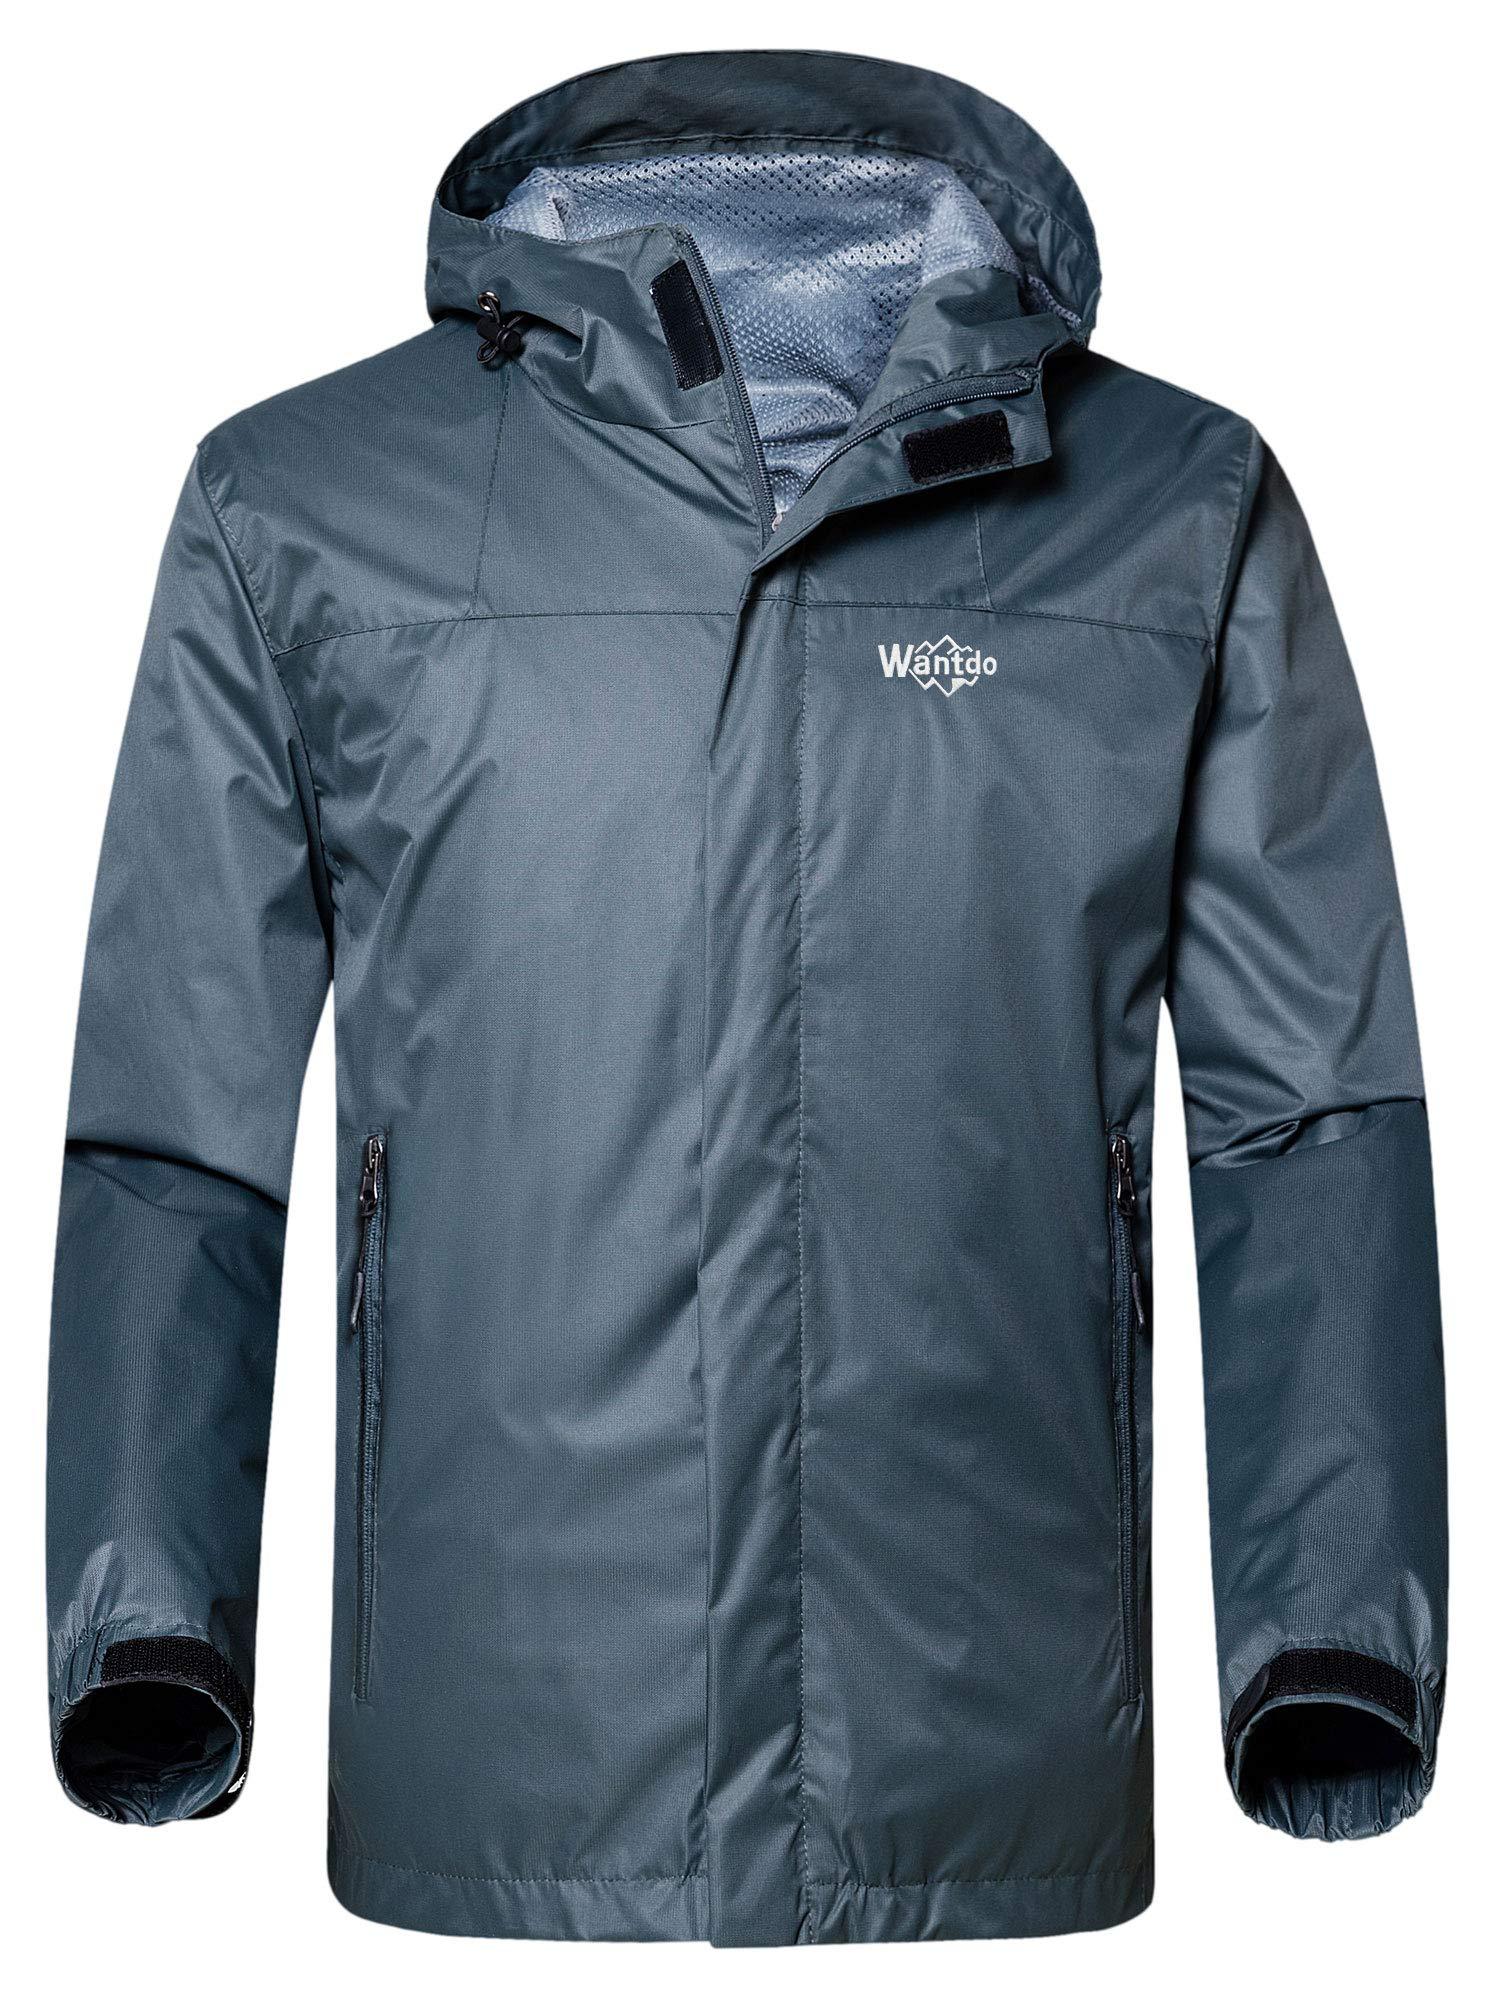 bc038d086 Galleon - Wantdo Men's Zipper Raincoat Outdoor Windproof Wind Breaker  Packable Jacket For Hiking Grey XL